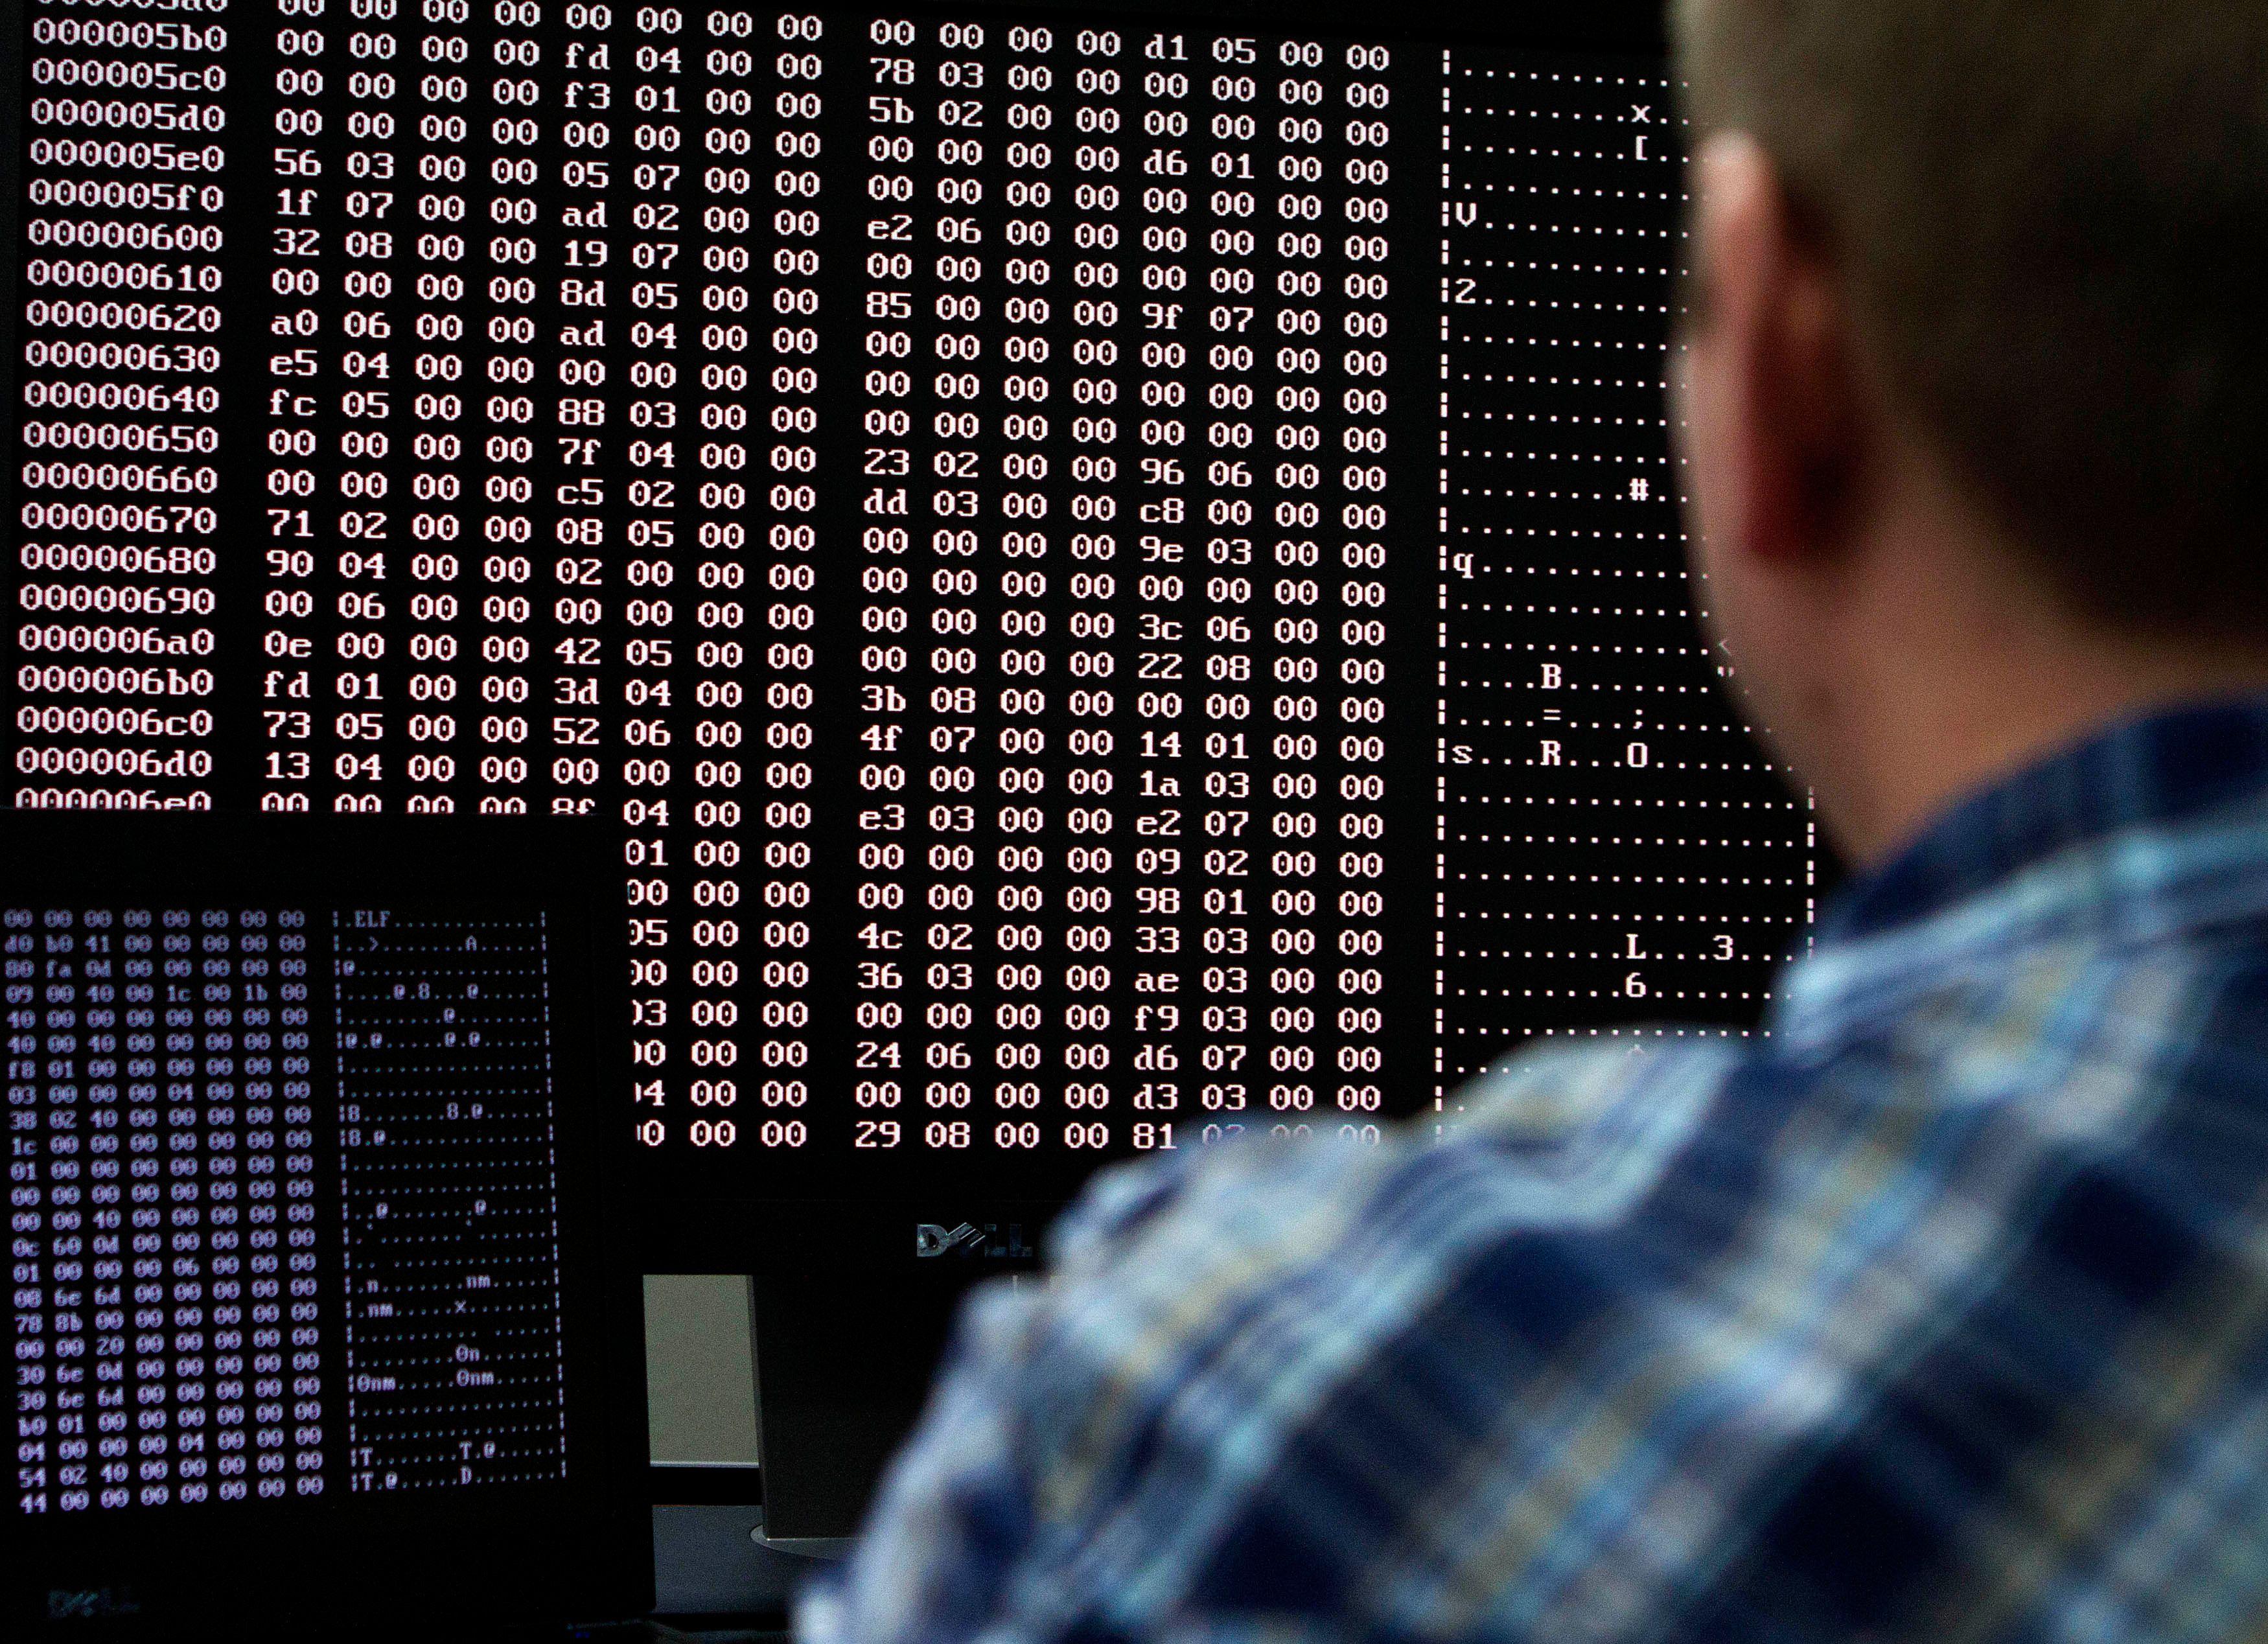 Comment se protéger des virus comme Petya, le nouveau malware qui neutralise votre disque dur et vous réclame une rançon (qu'il ne faut surtout pas payer)